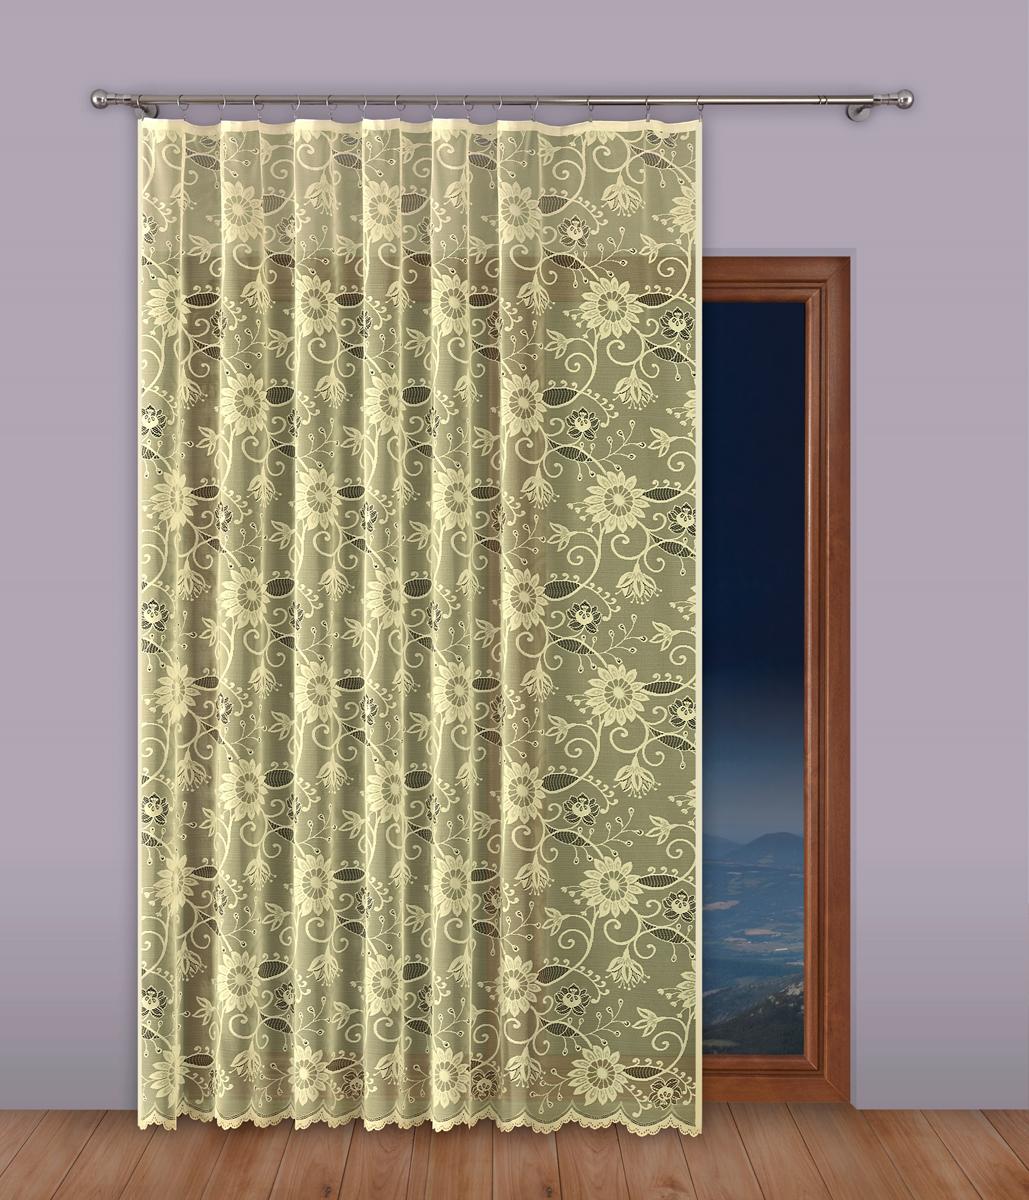 Тюль P Primavera Firany, на ленте, цвет: кремовый, высота 270 см, ширина 200 см. 1110306 primavera